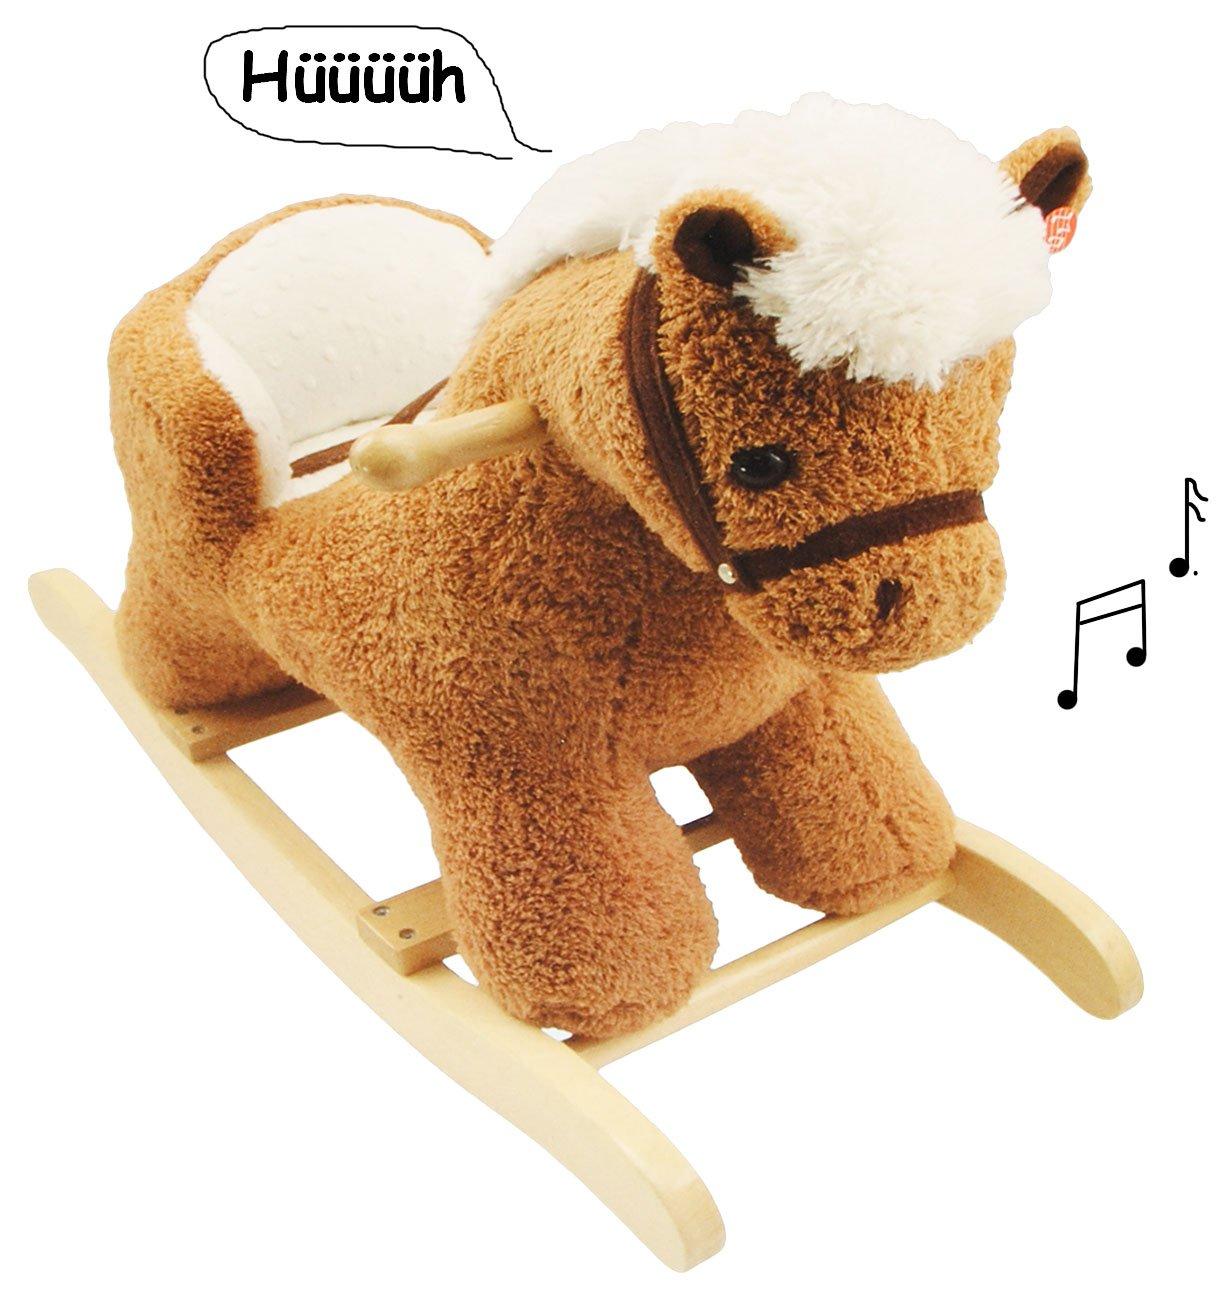 2- Wahl - XL Plüsch und Holz Schaukelpferd - mit Sound / Melody / Musik - mit Einstieghilfe und Sicherheitsgurt - Schaukeltier mit Plüschbezug / Kind Schaukel Esel Pony Plüschschaukel für Kinder Mädchen Jungen